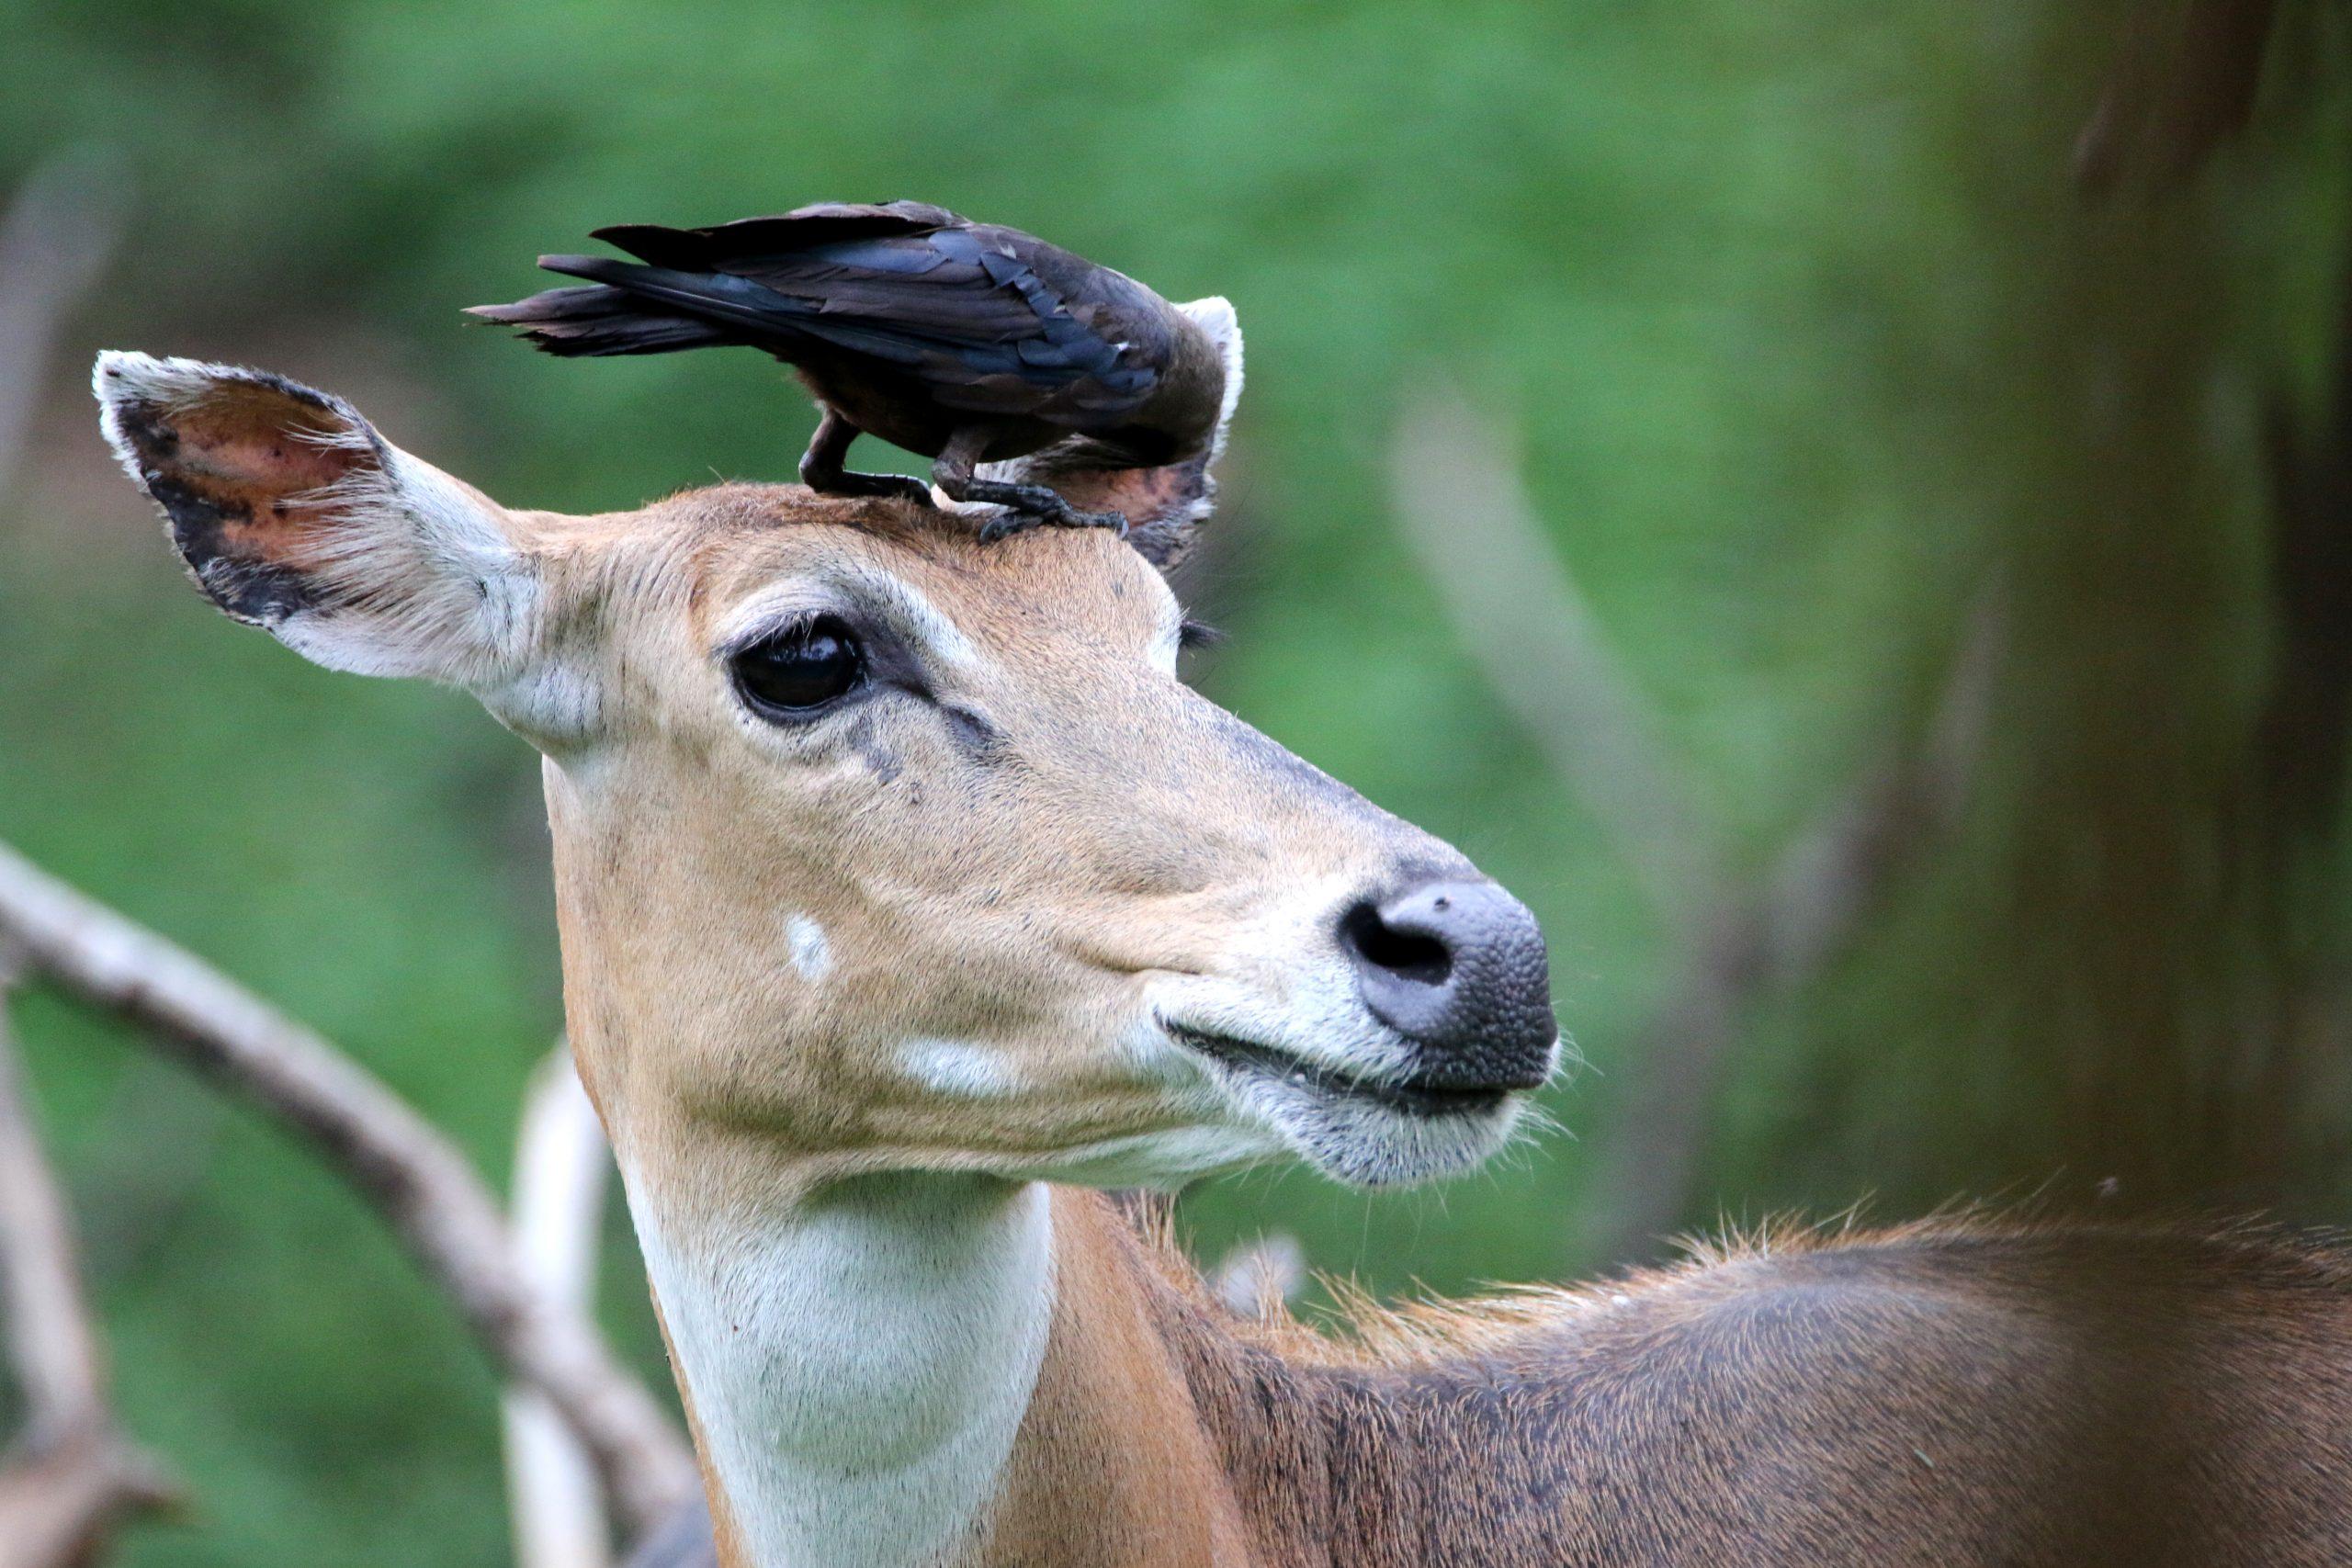 Crow on animal